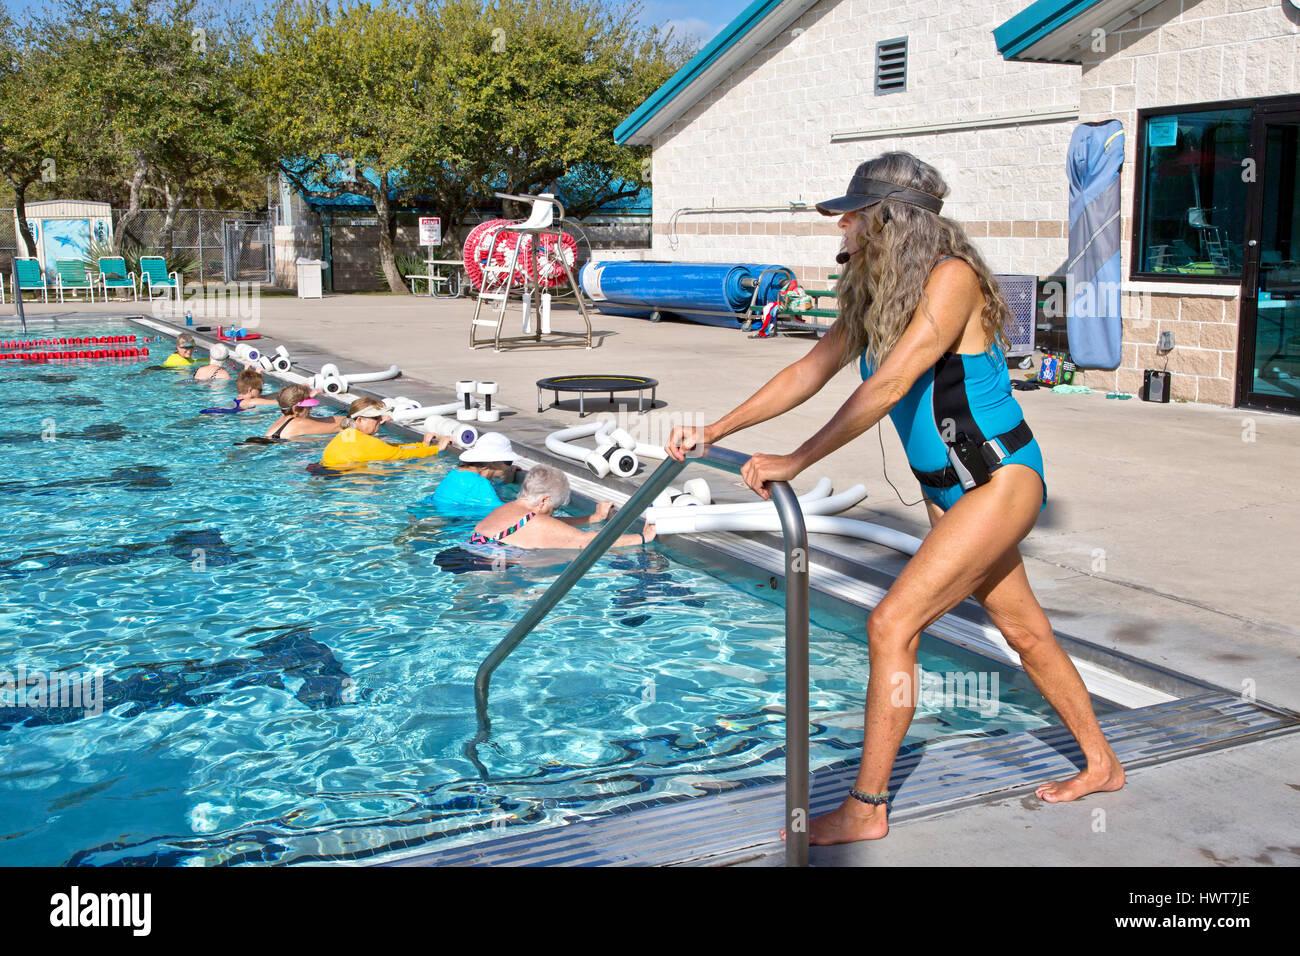 """Instructor demostrando """"elástica"""", clase de aeróbicos en el agua, un grupo de mujeres que asisten. Foto de stock"""